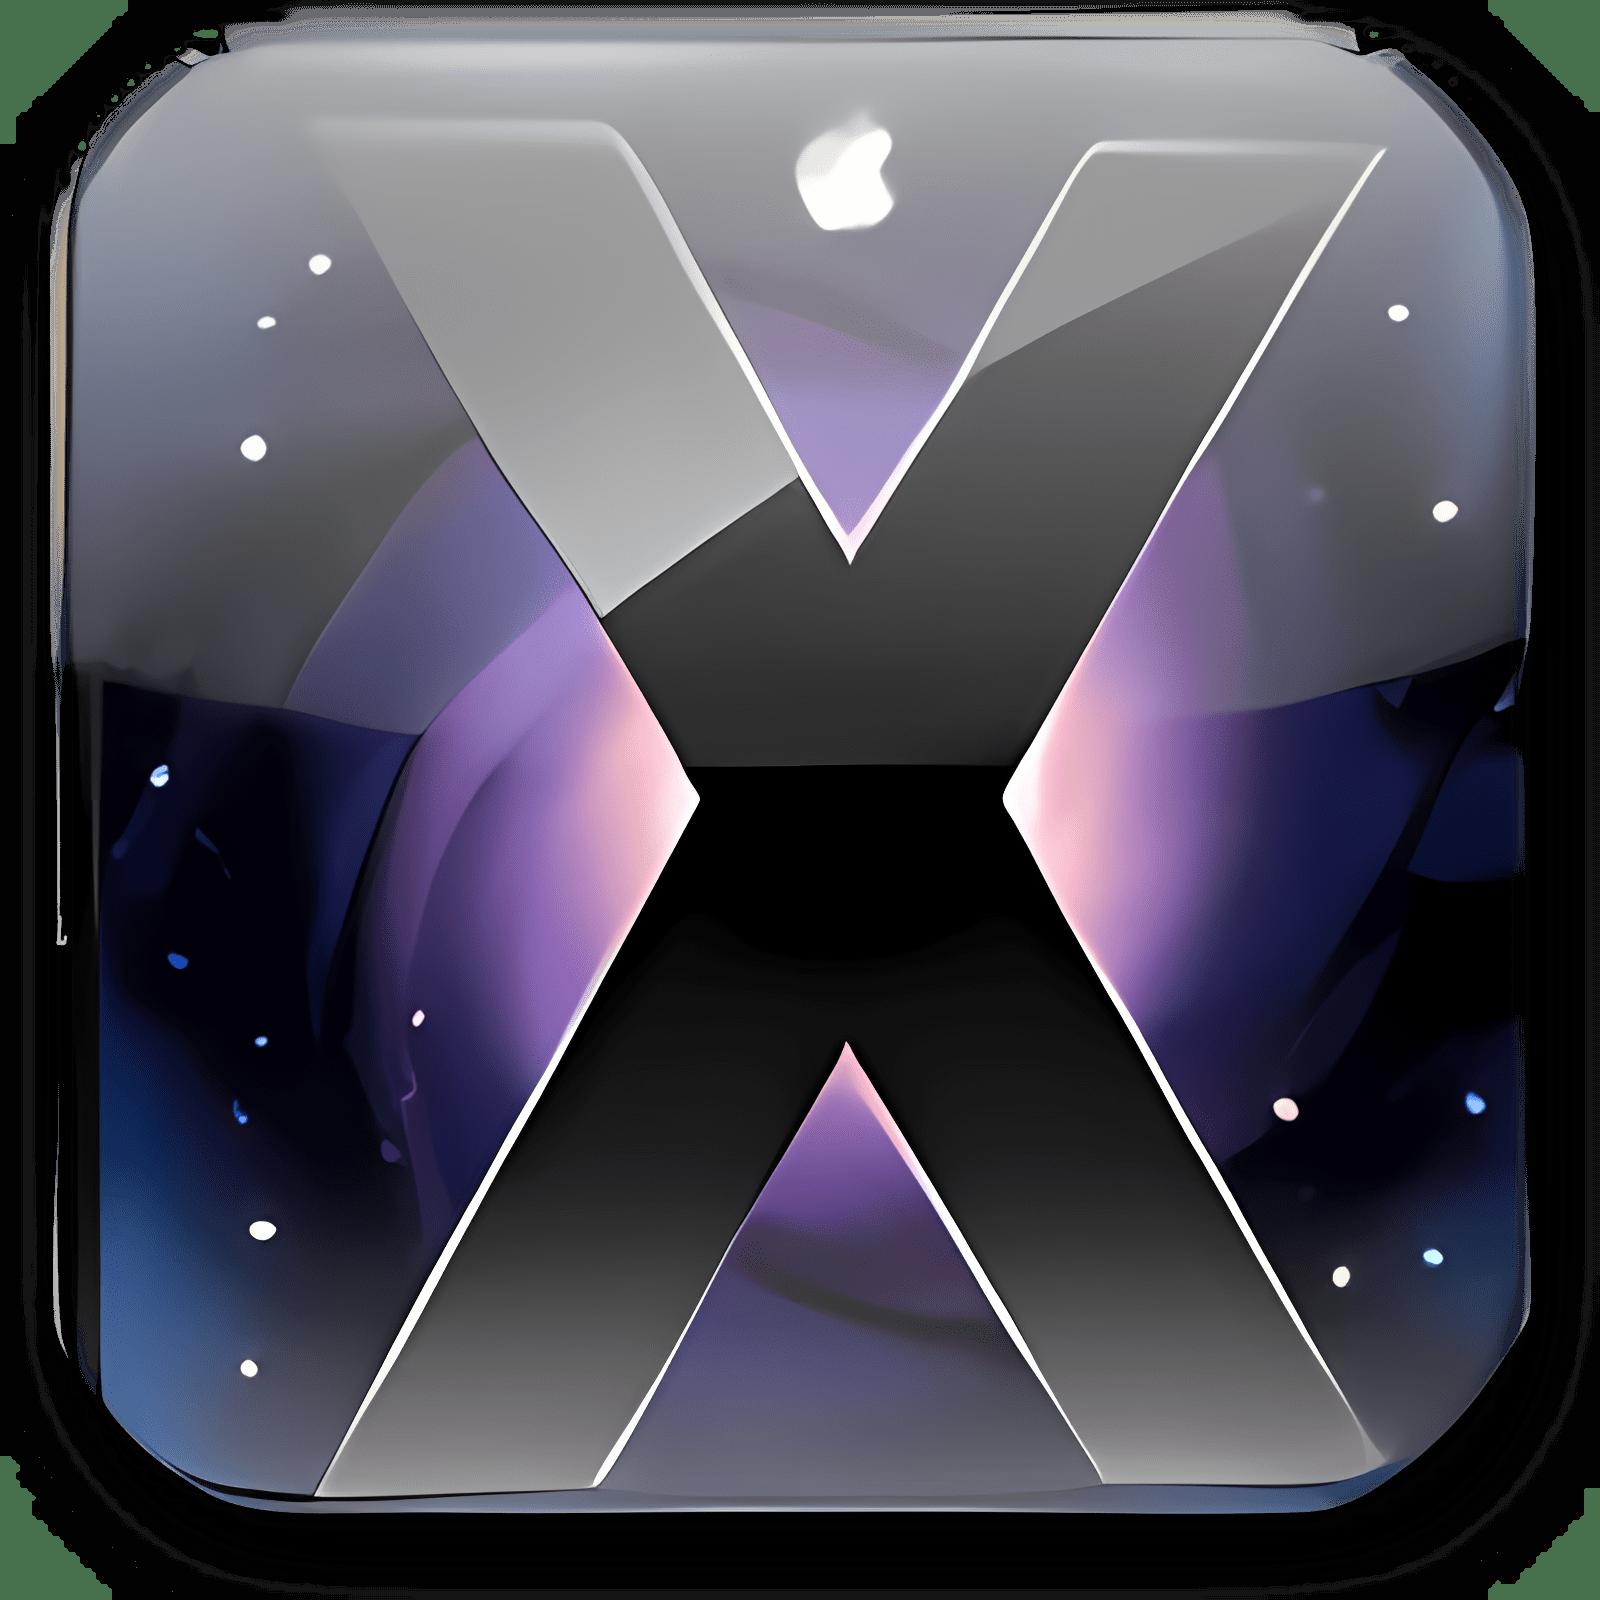 Mac OS X 10.5.6 update